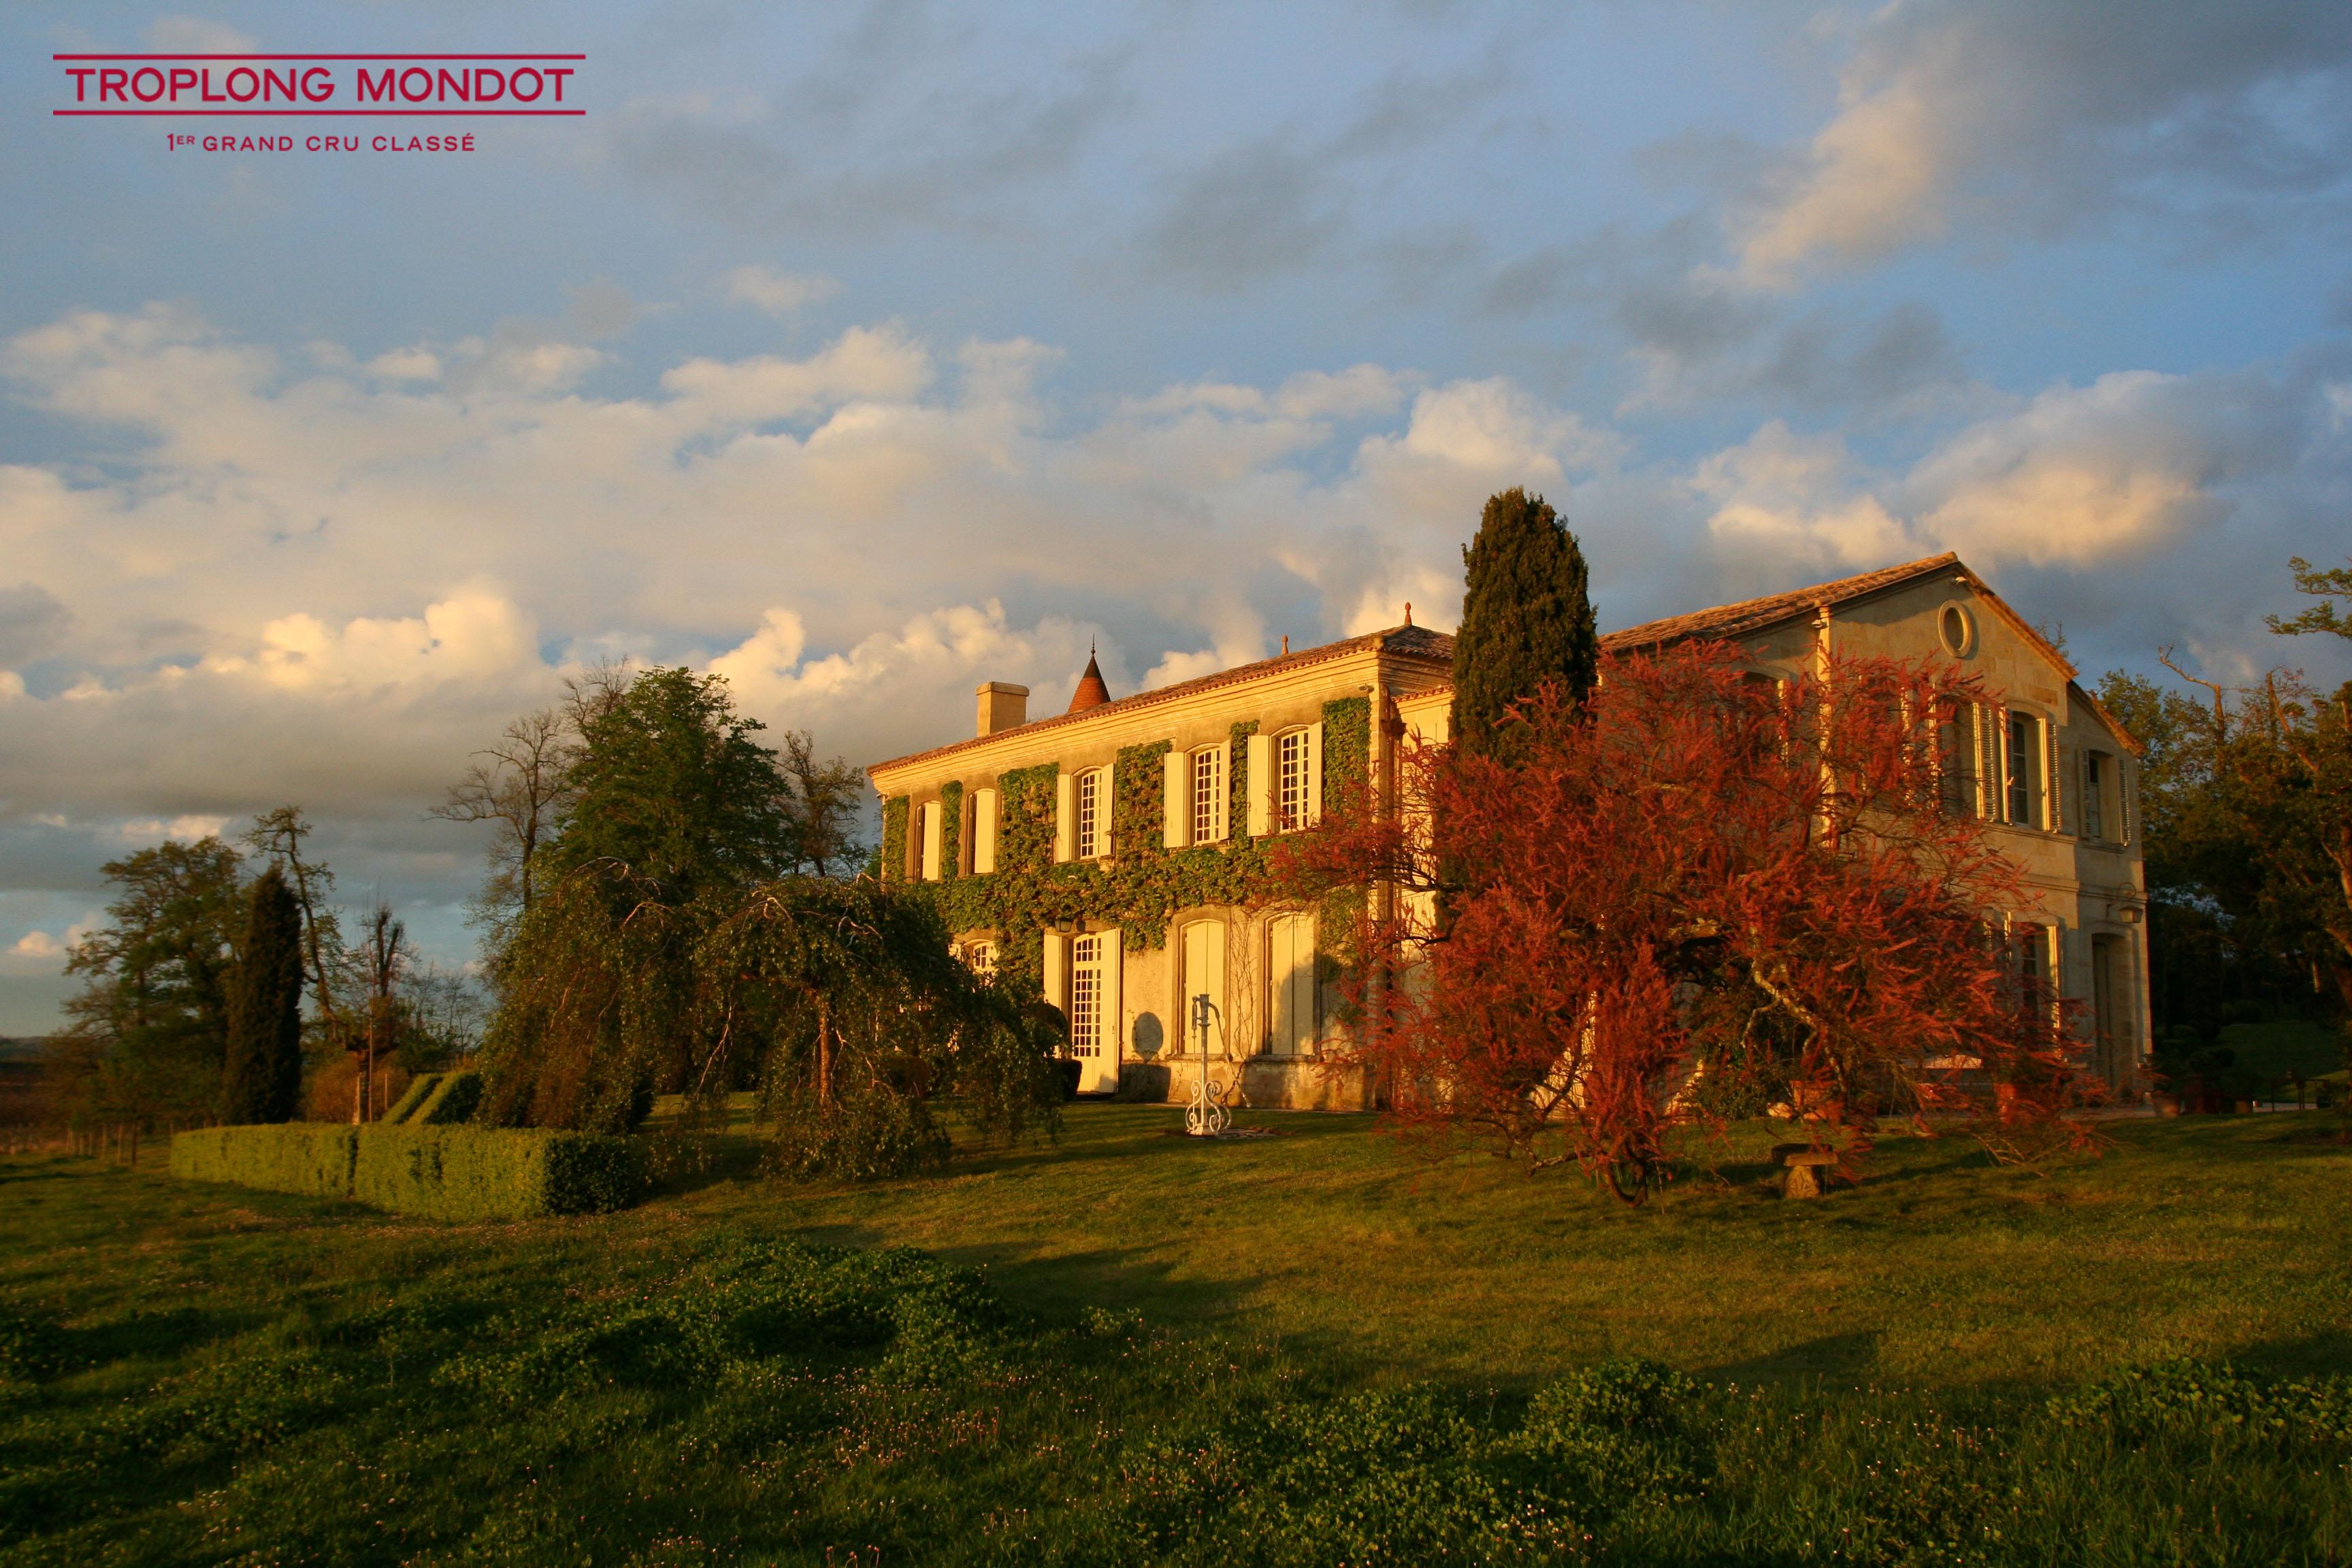 Château Troplong Mondot©